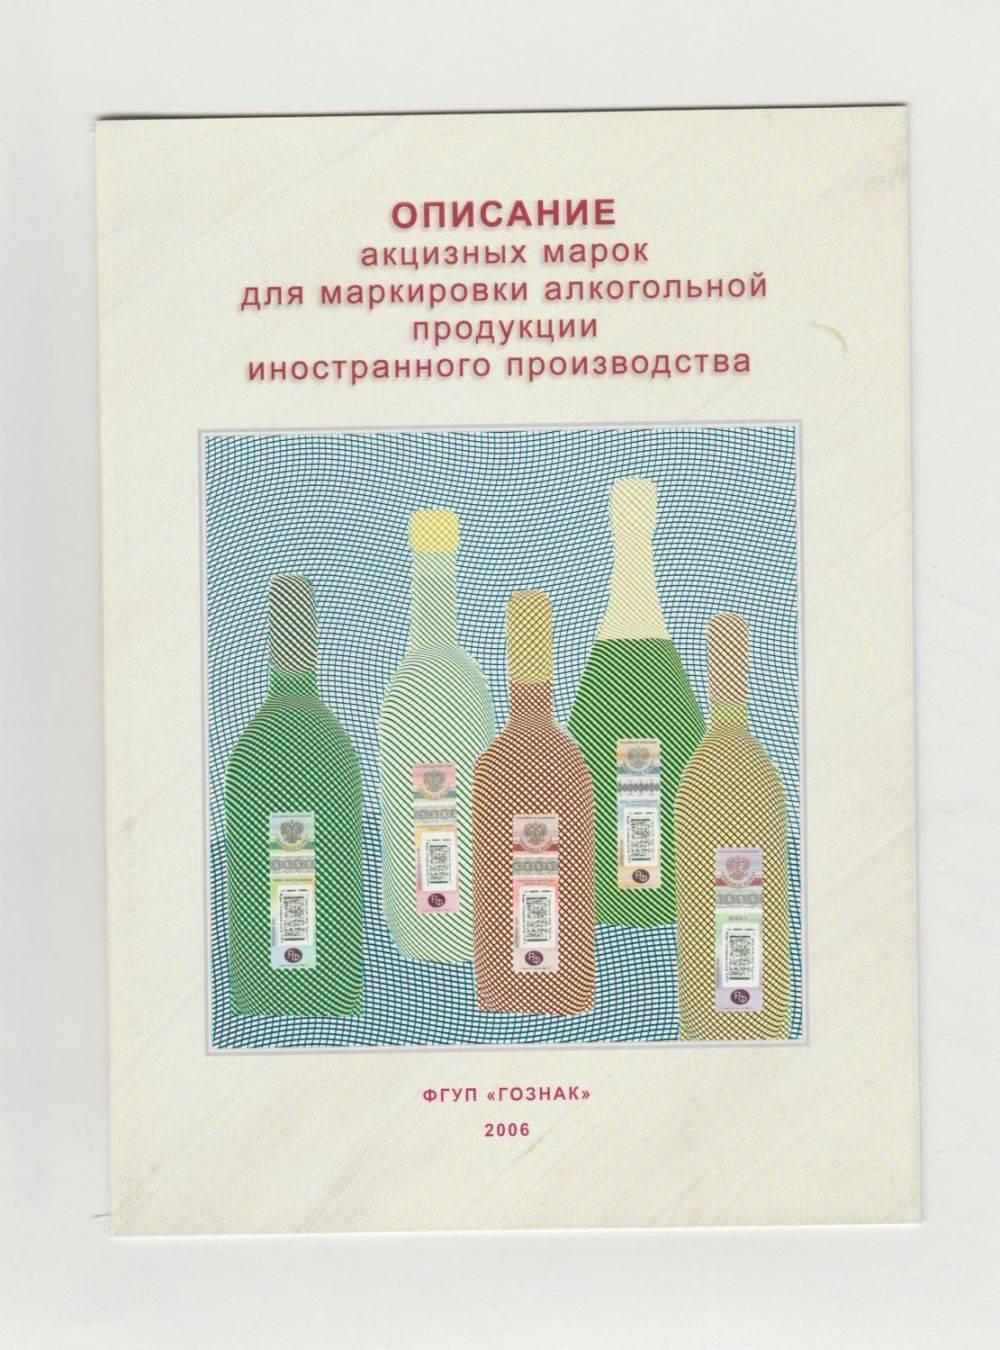 Акцизные марки алкогольной продукции